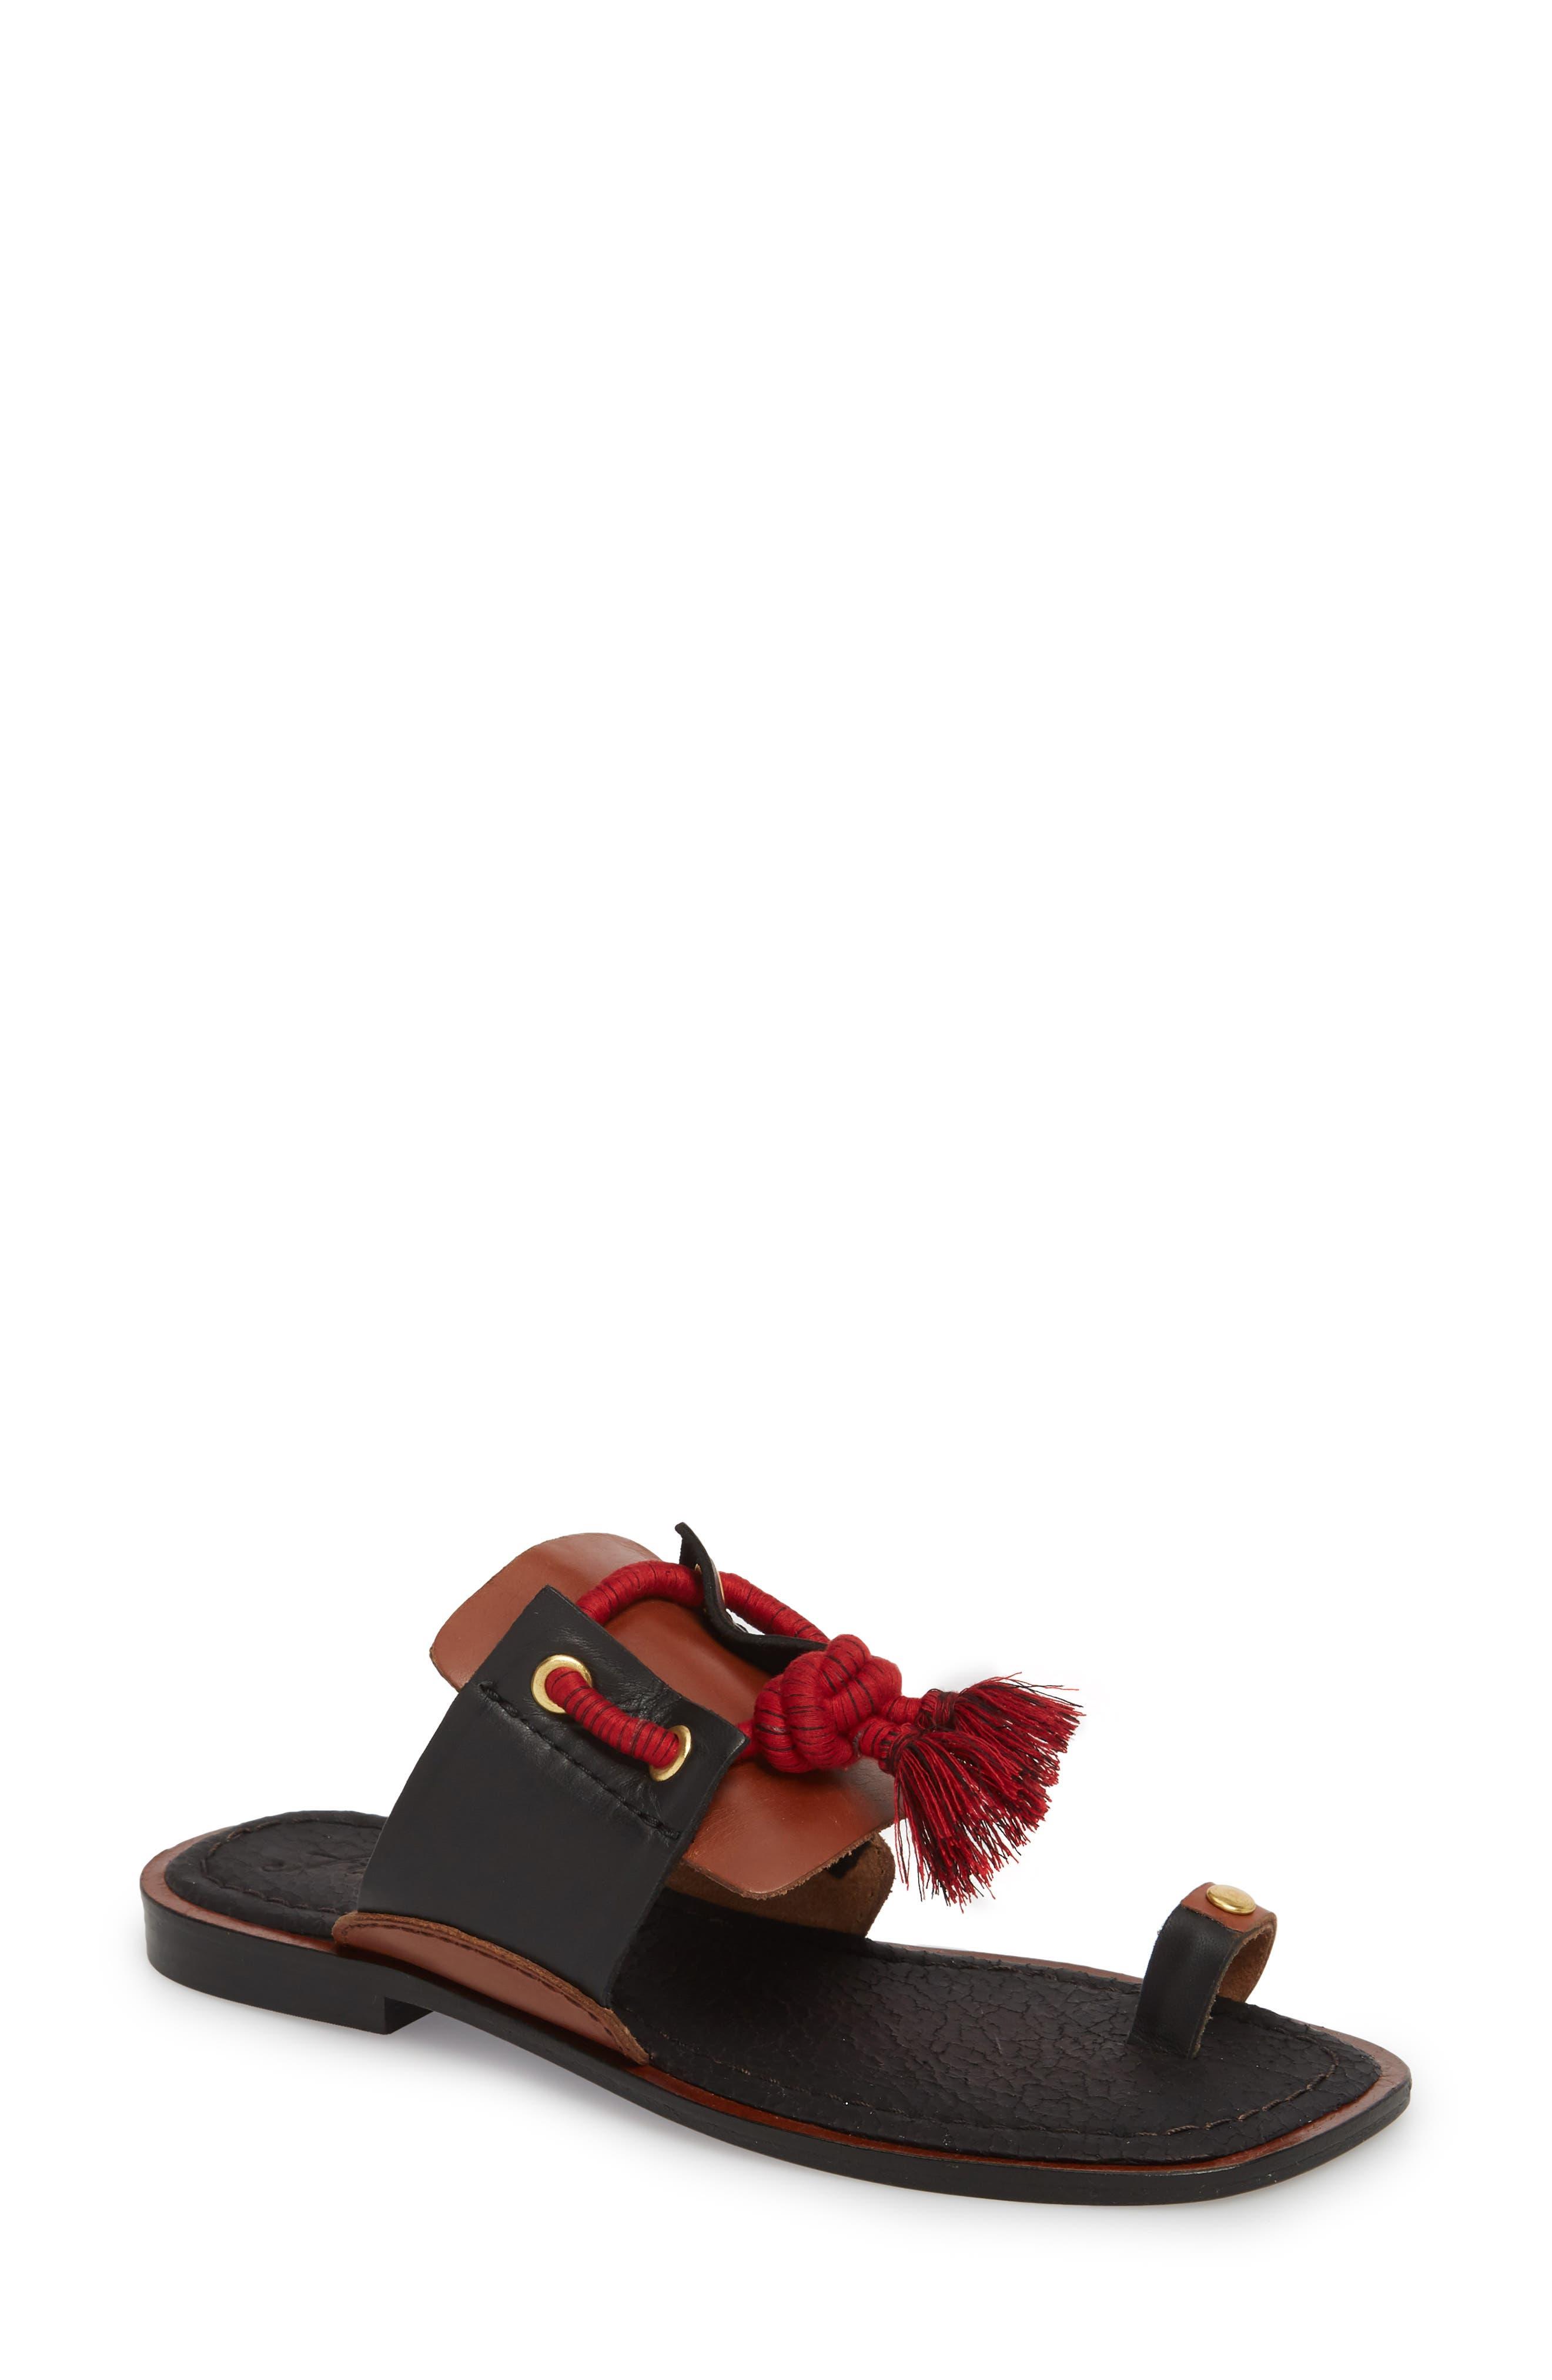 Maui Tasseled Slide Sandal,                         Main,                         color, 001